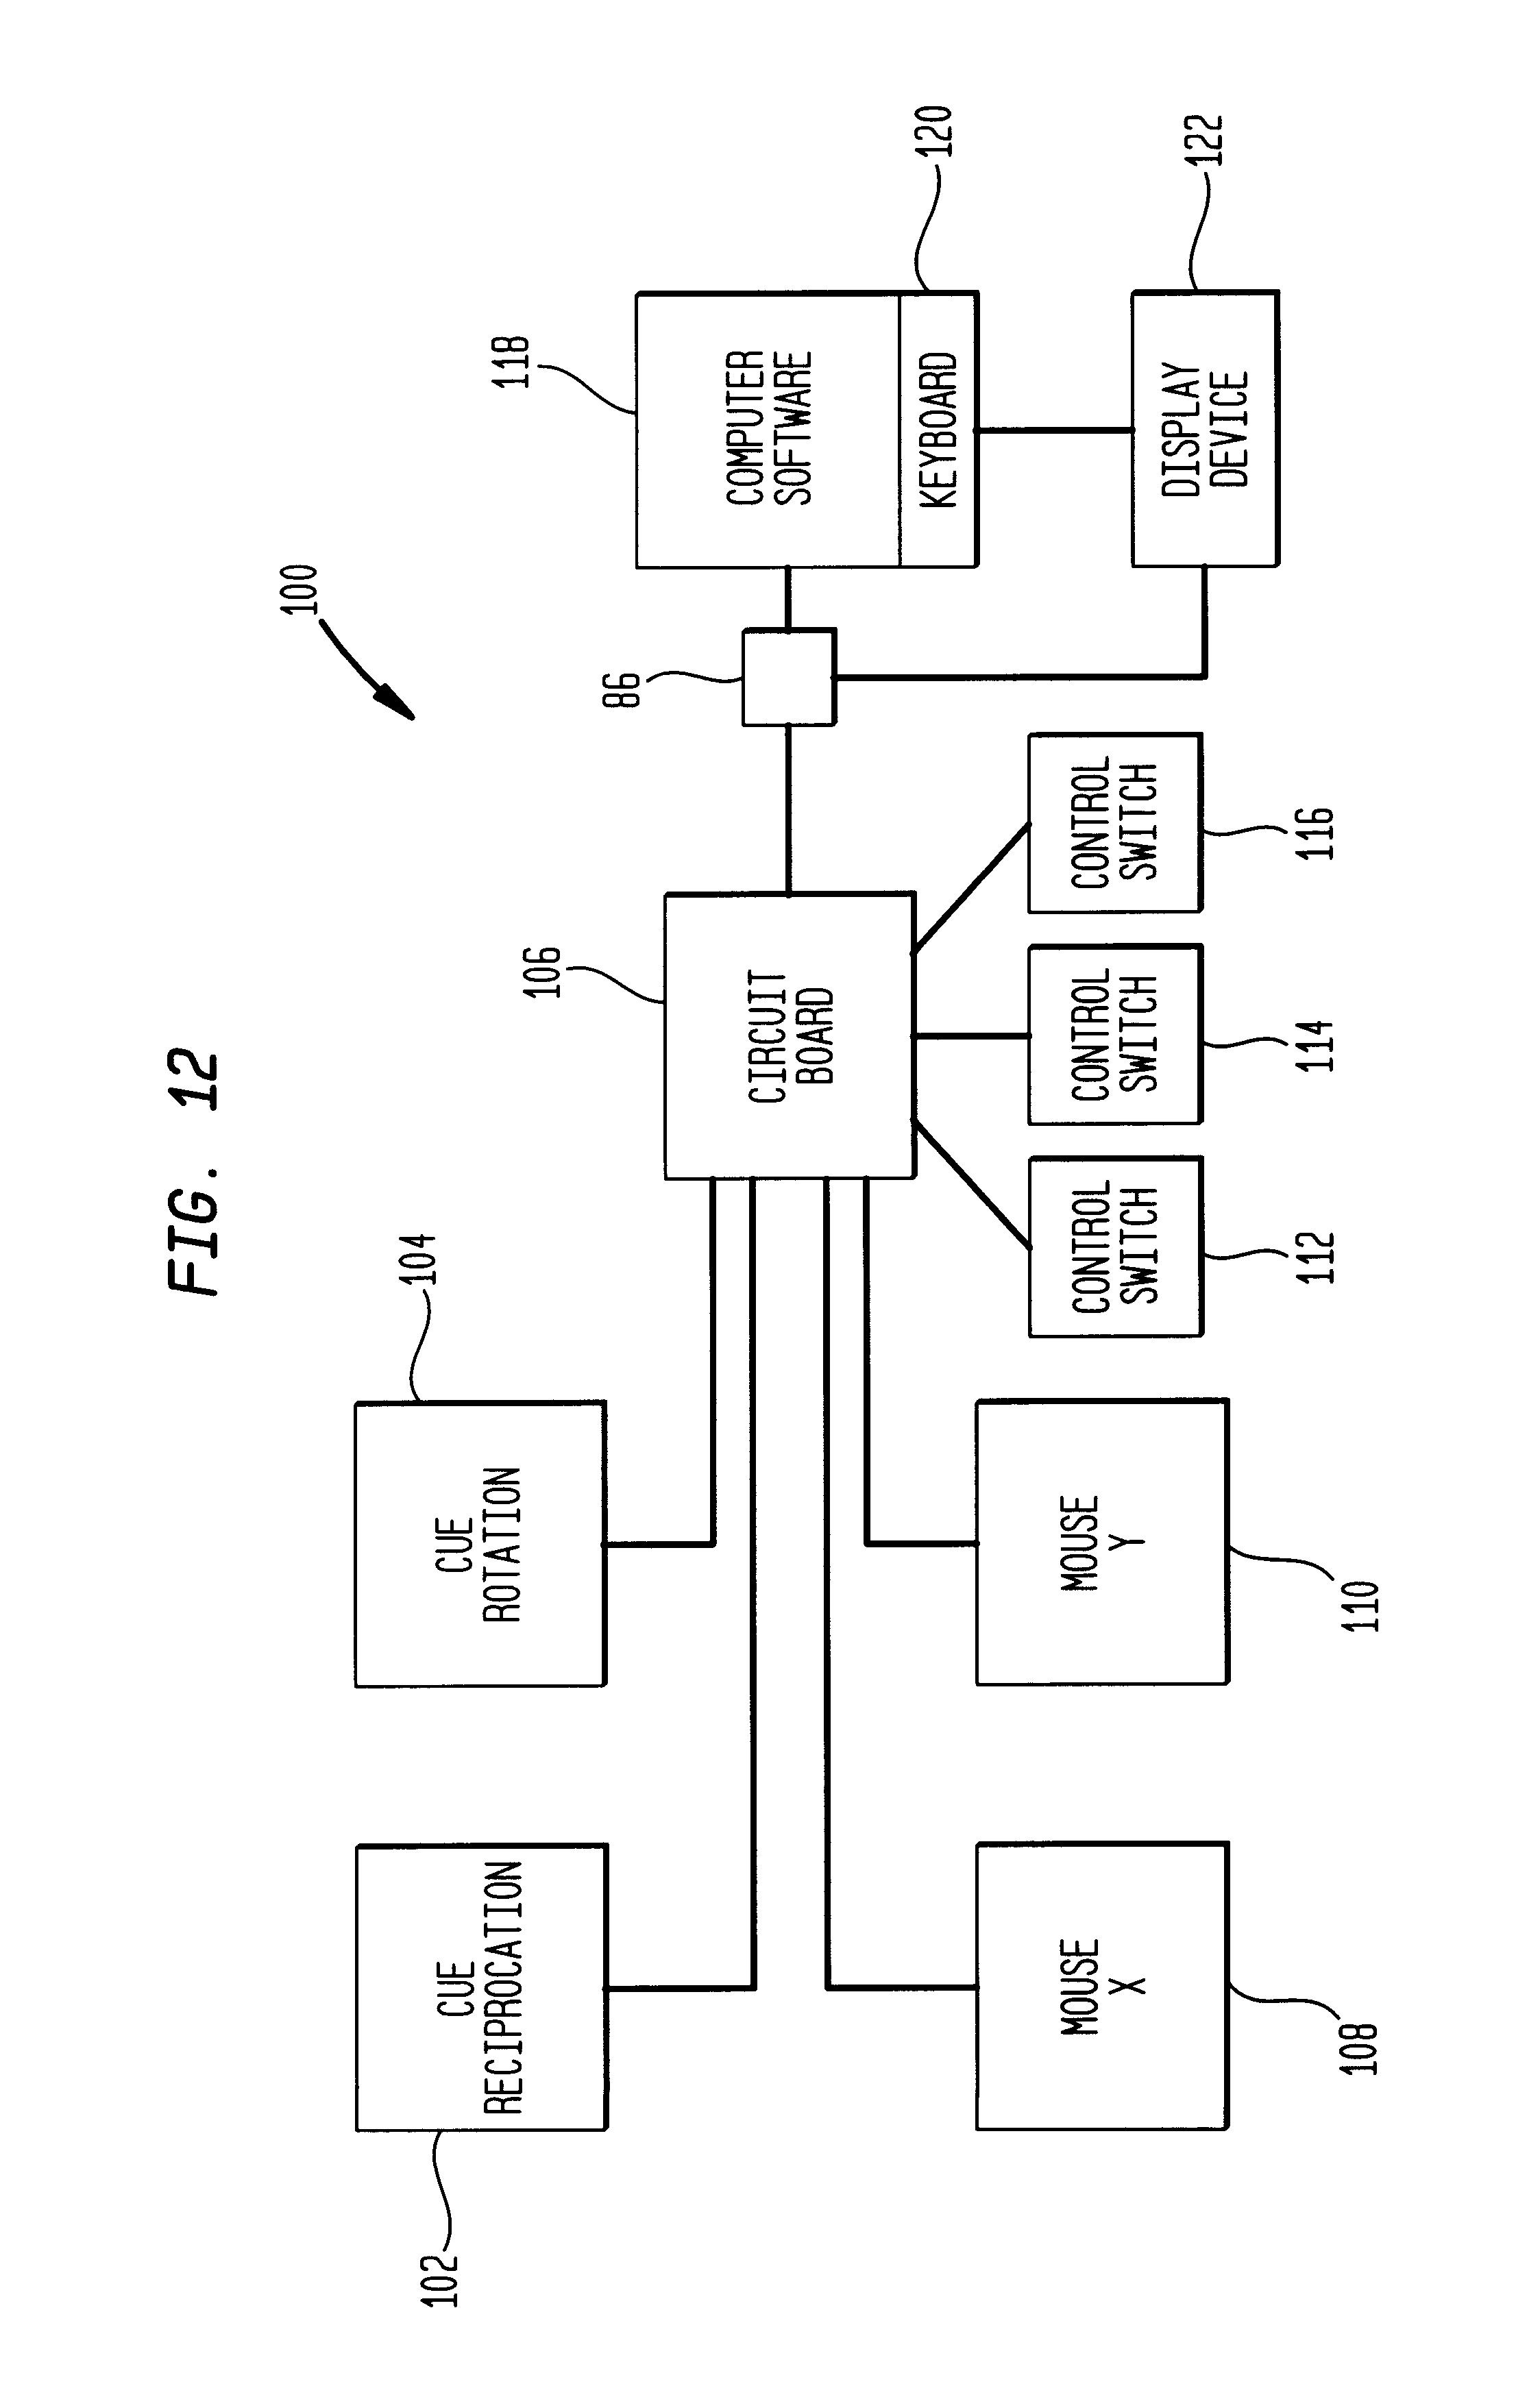 patent us6220963